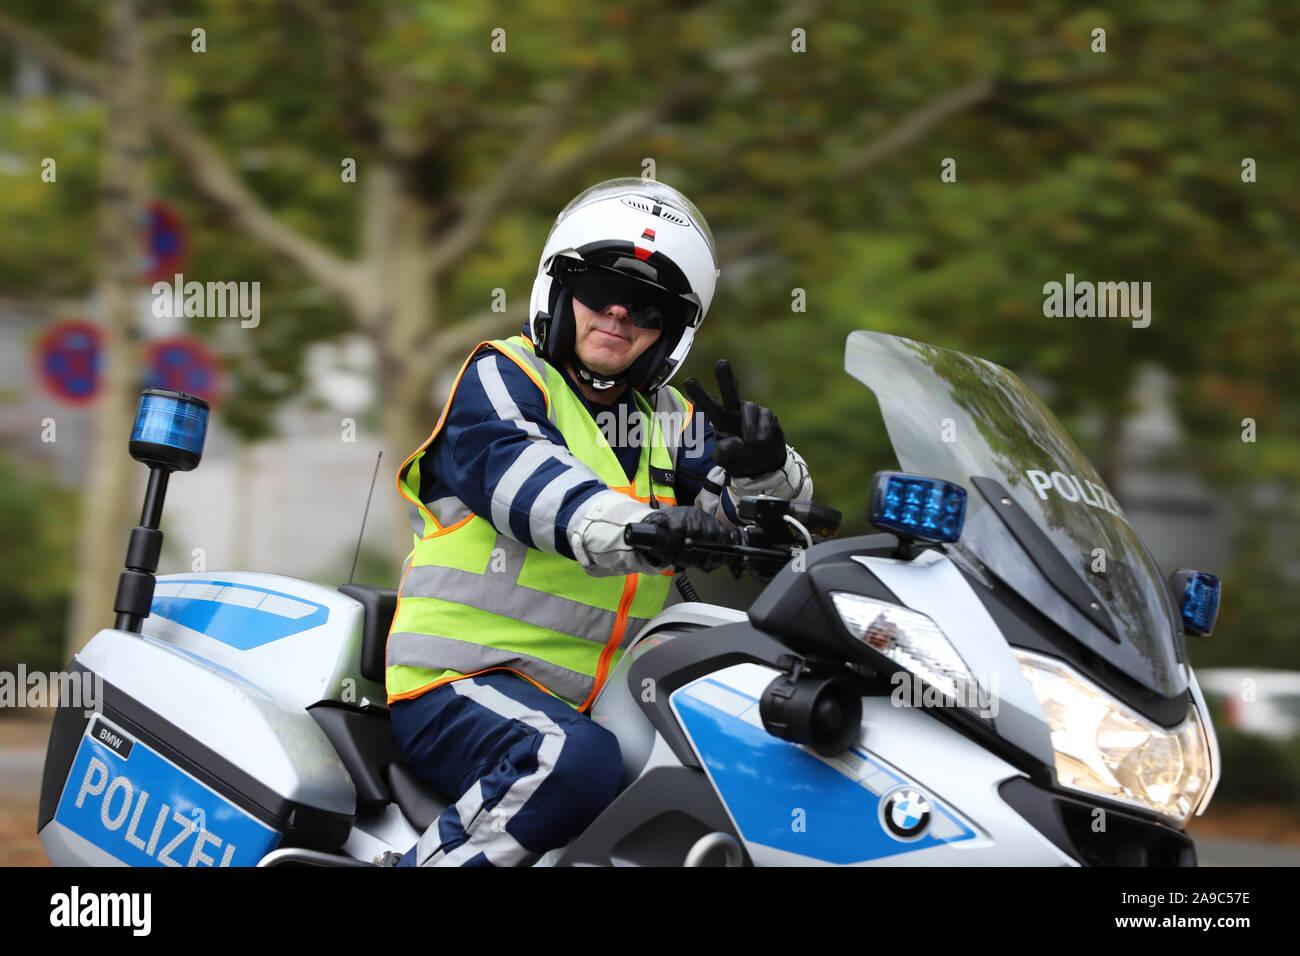 Berlin, Berlin / Allemagne, Septembre 15, 2018. Les agents de police de Berlin sur les motocyclettes fixant le Scater en ligne dans le cadre de course le Marathon de Berlin. Banque D'Images